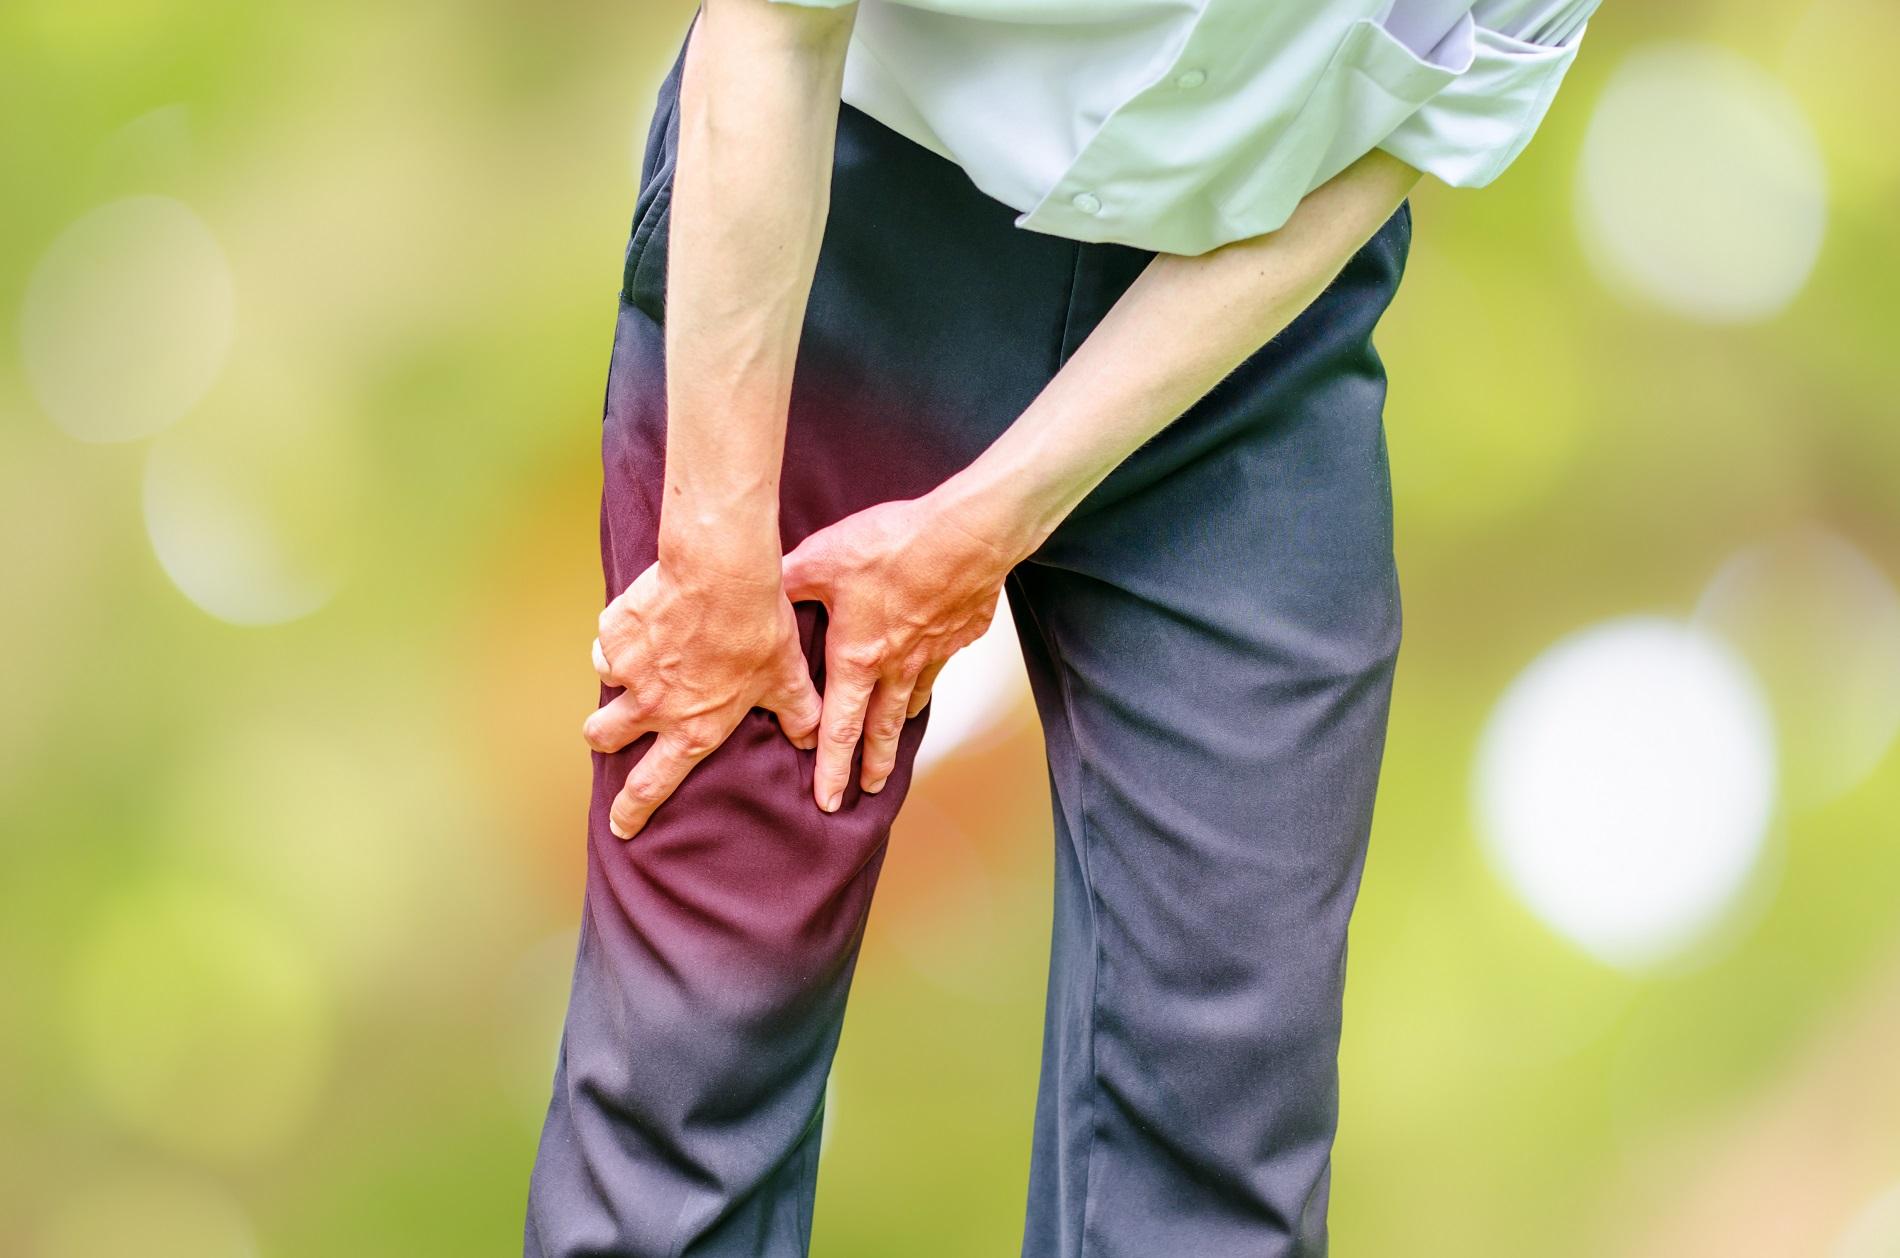 hogyan kezeltem az artrózist ízületek és a kéz csontok fájnak